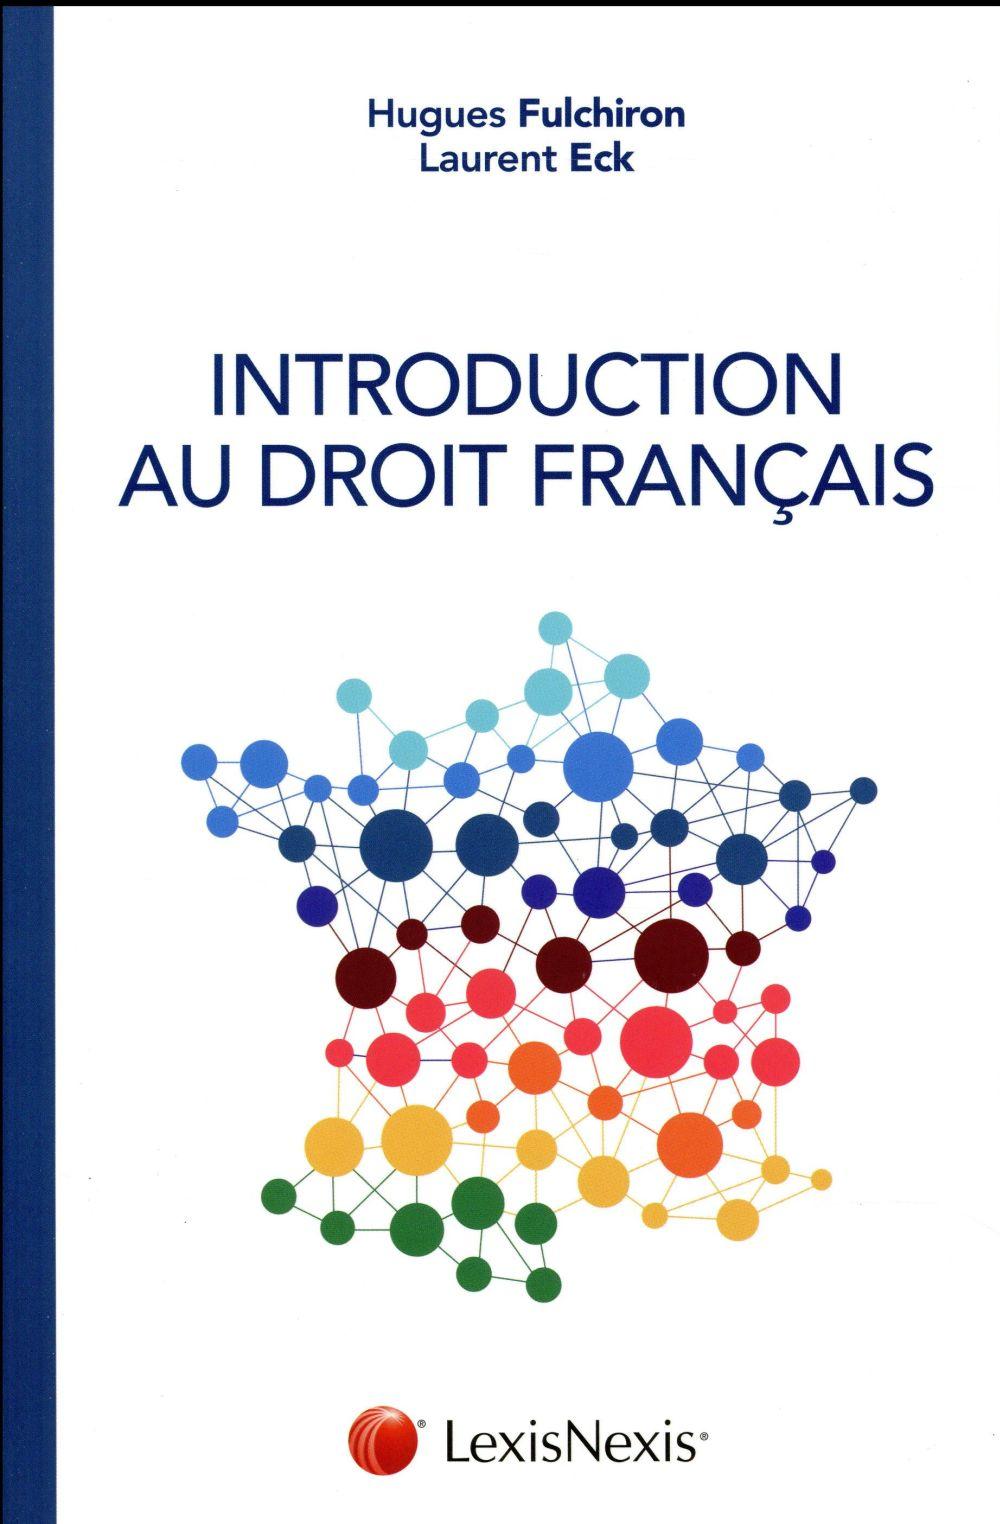 INTRODUCTION AU DROIT FRANCAIS